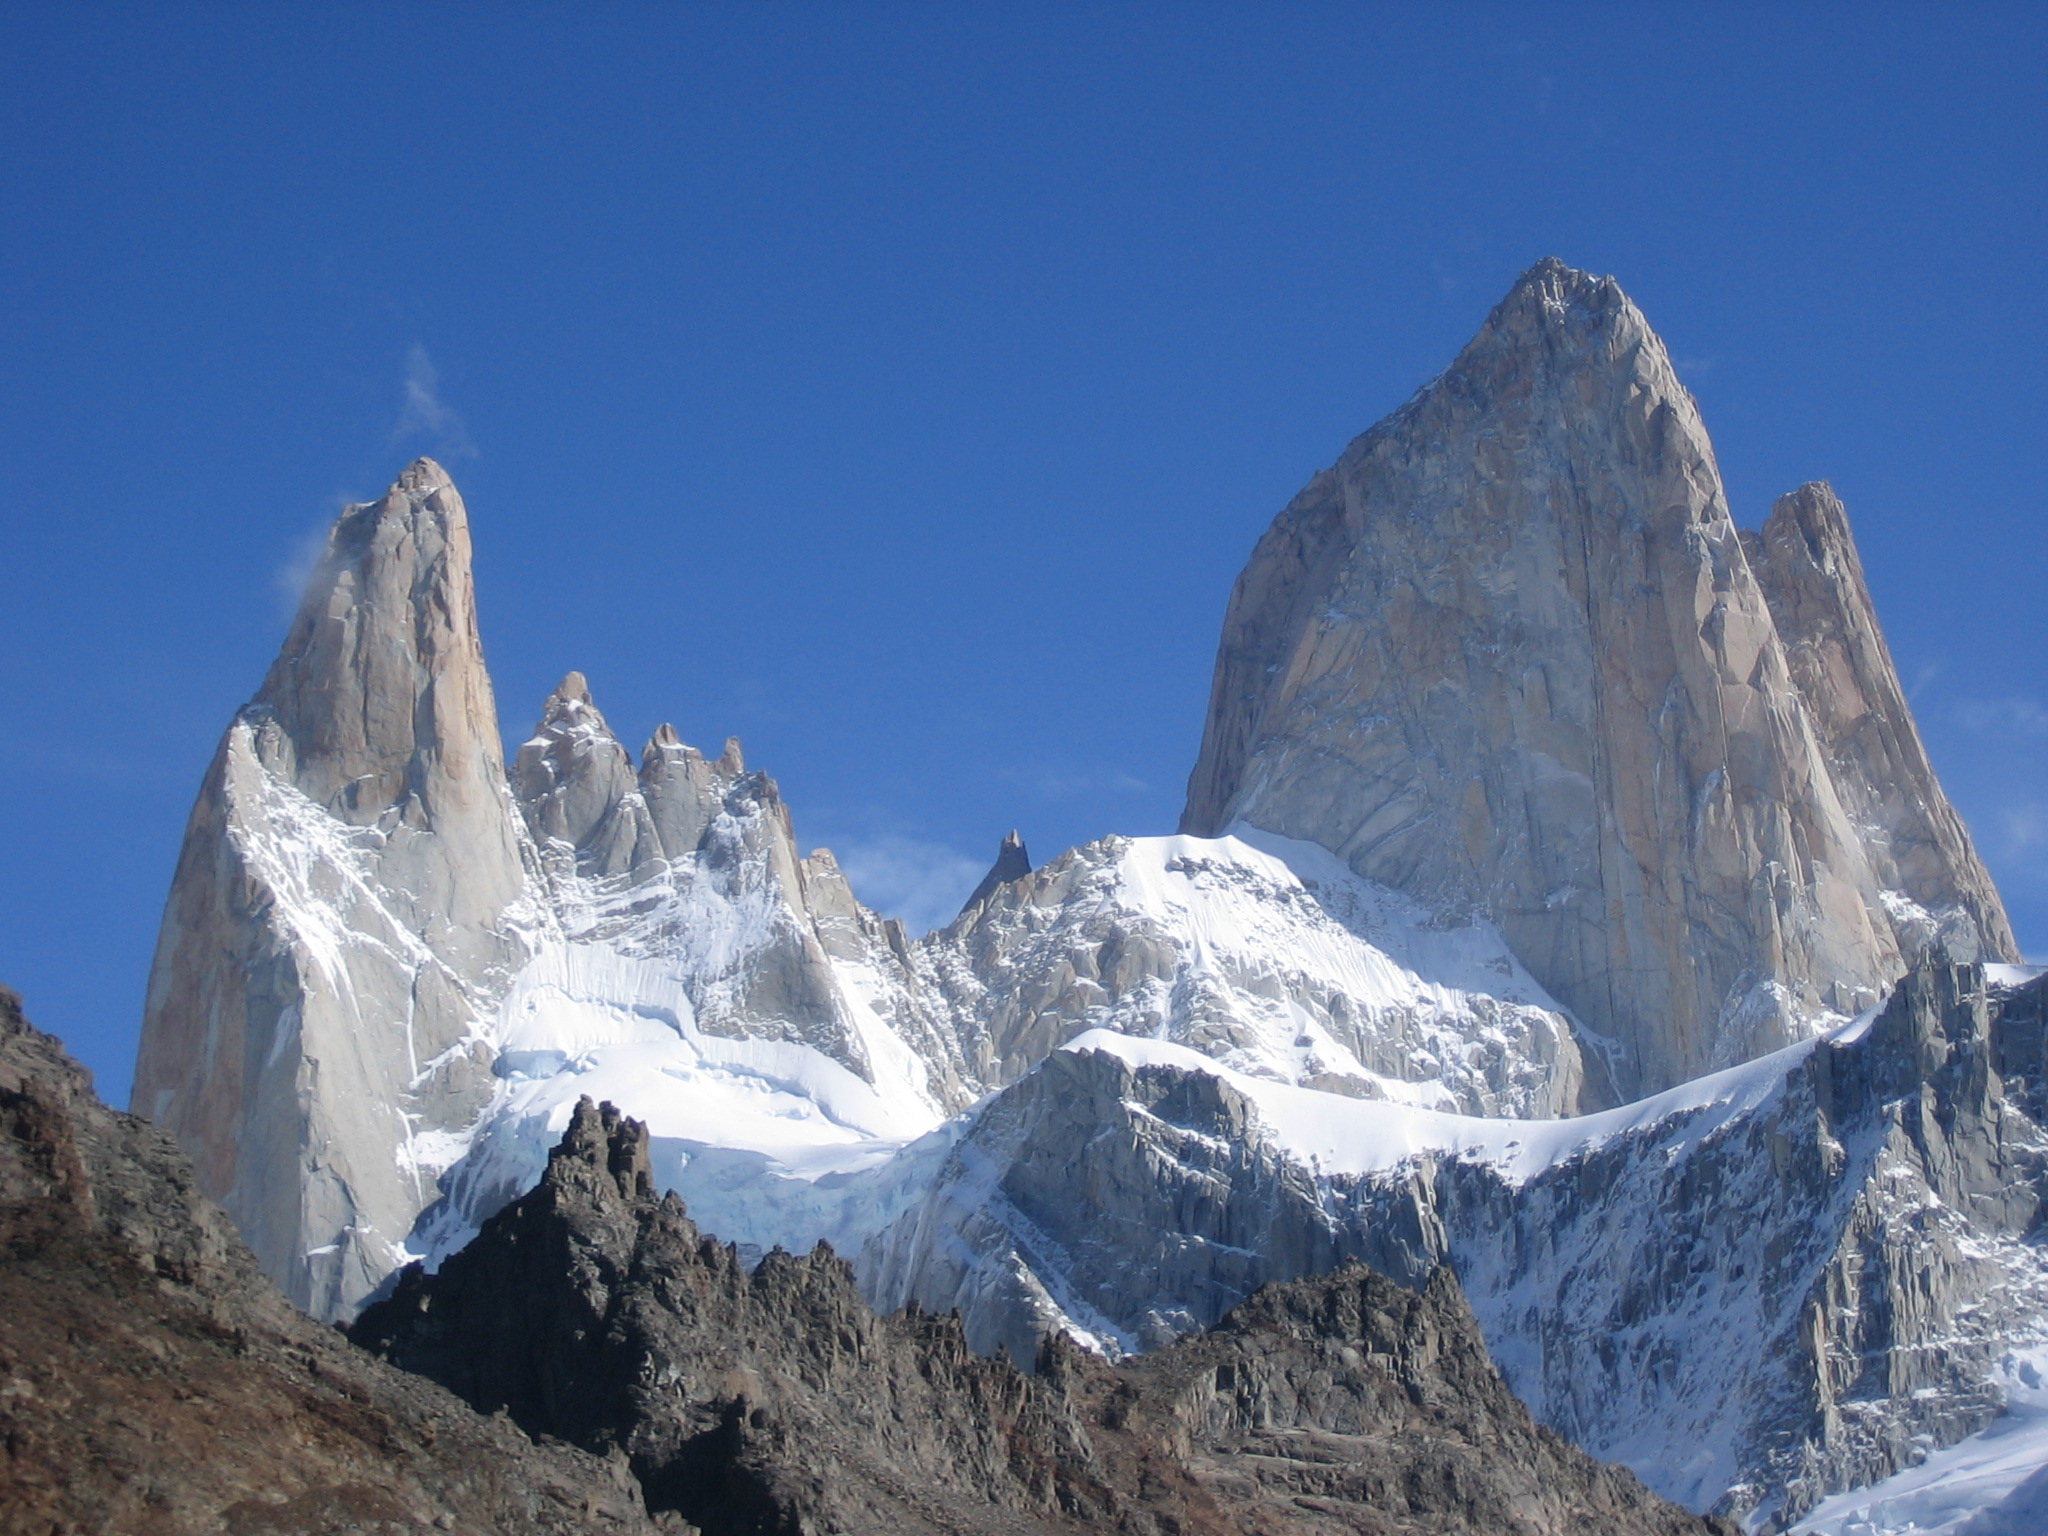 Góra Fitz Roy widziana z powierzchni Ziemi. Fot. Wikipedia.